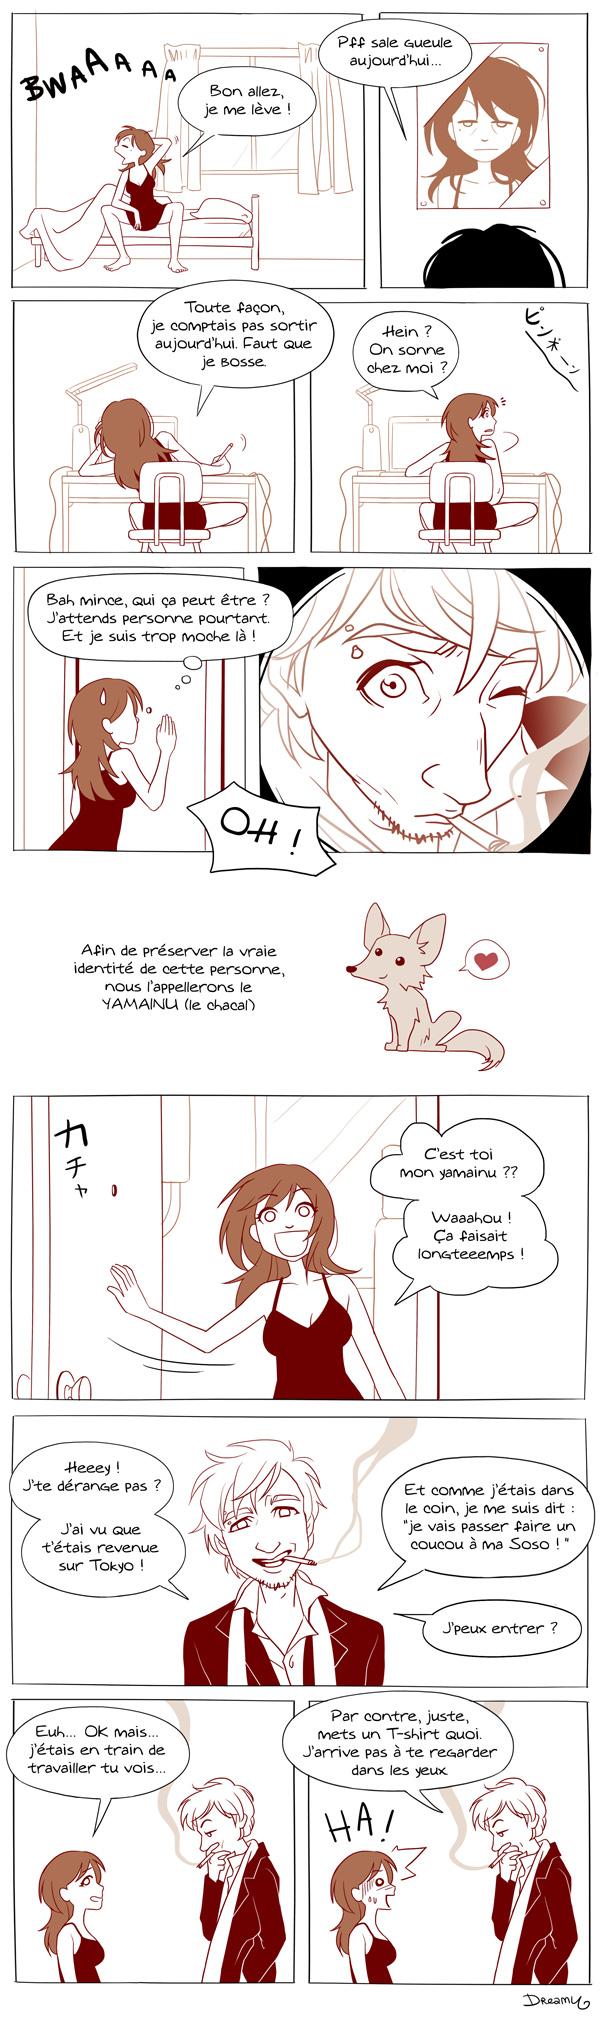 Le yamainu (1)